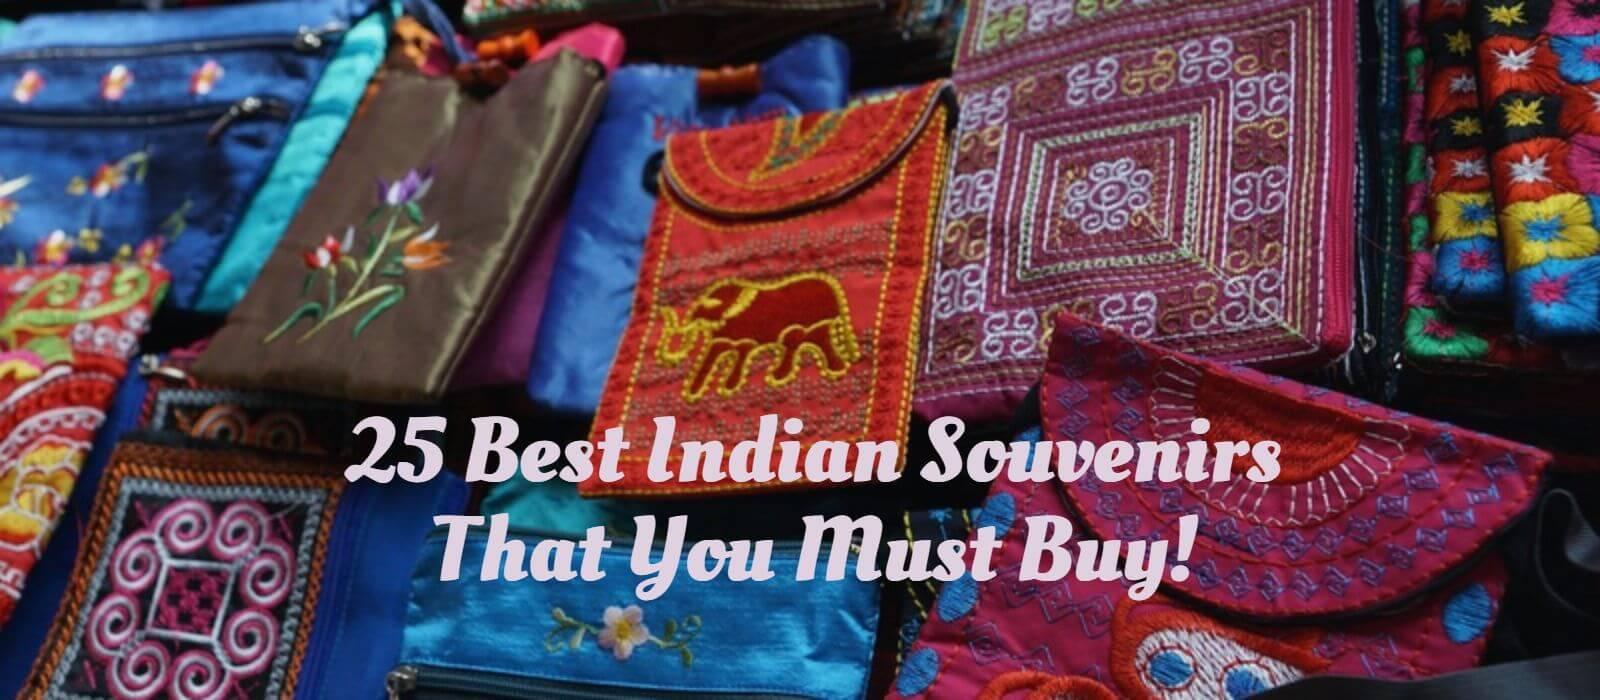 25_Best_Indian_Souvenirs